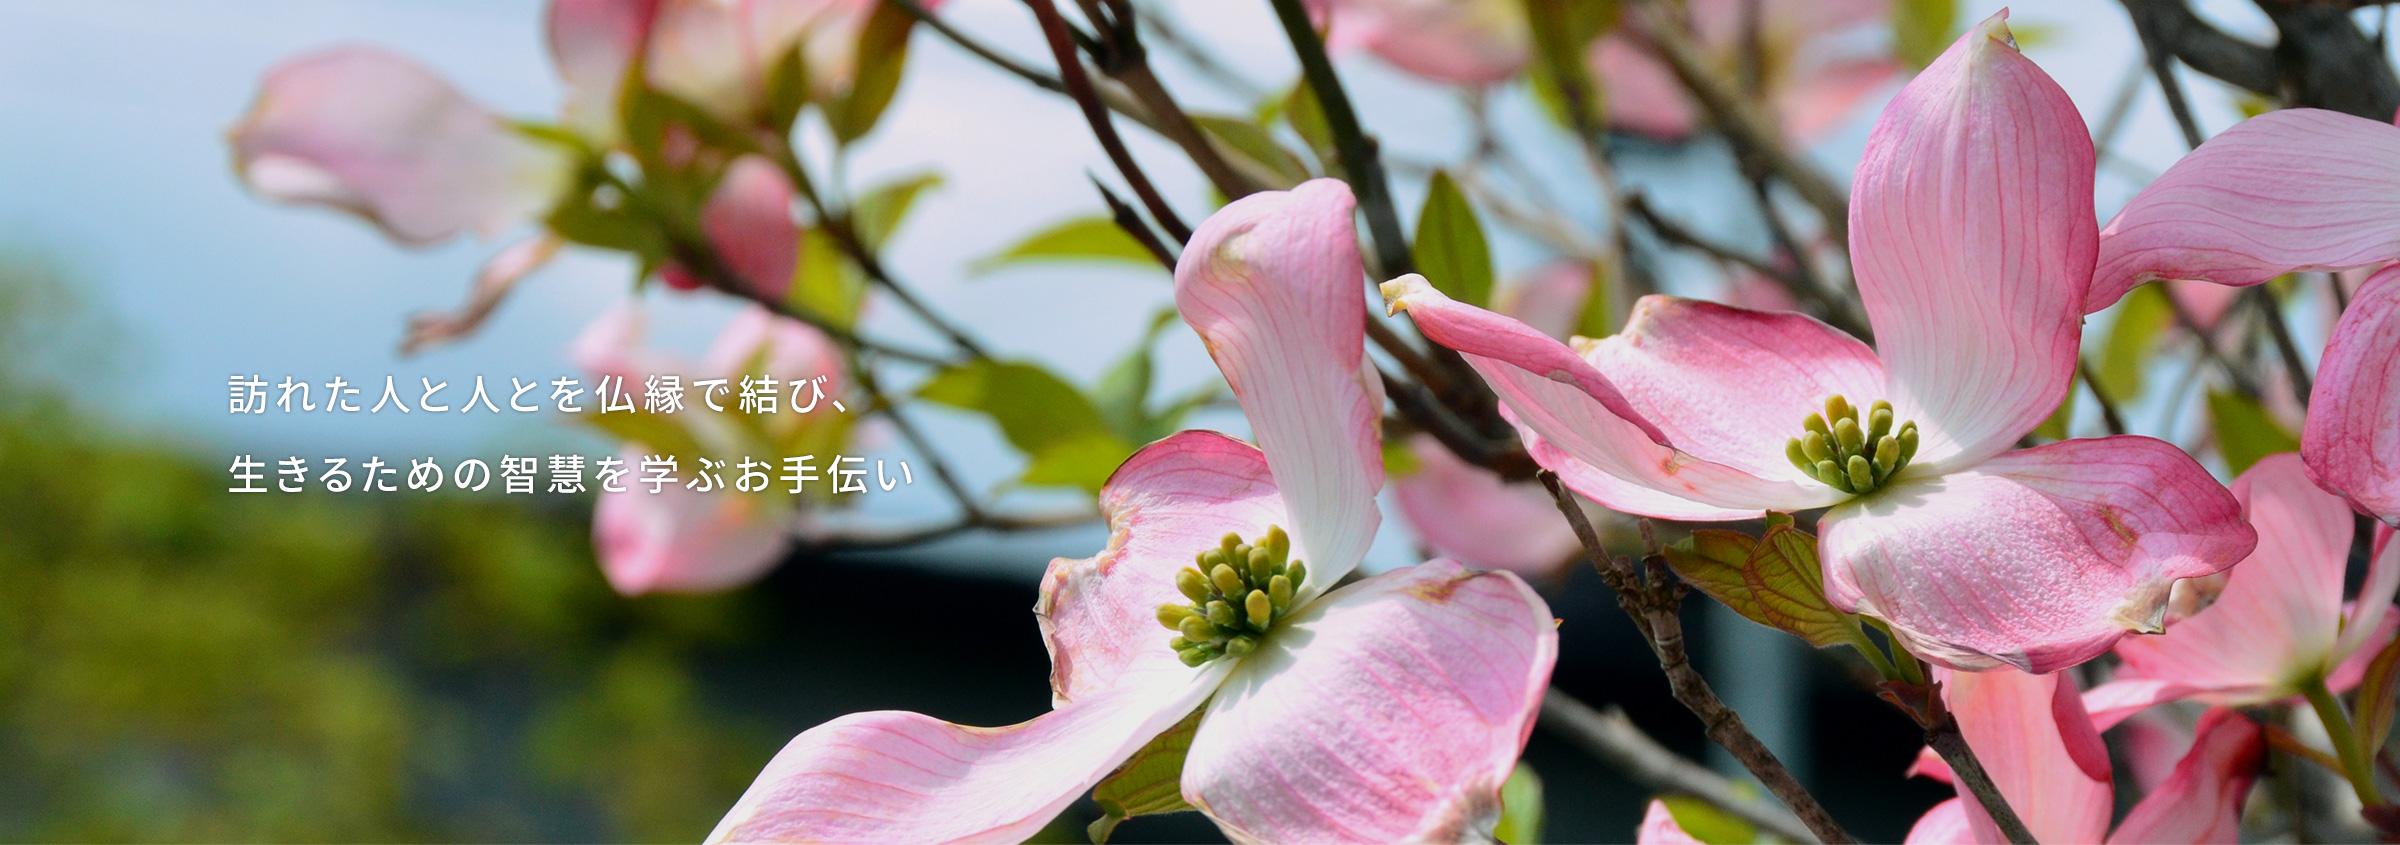 青森県 美しい花樹に囲まれた専求院の「樹木永代供養墓」